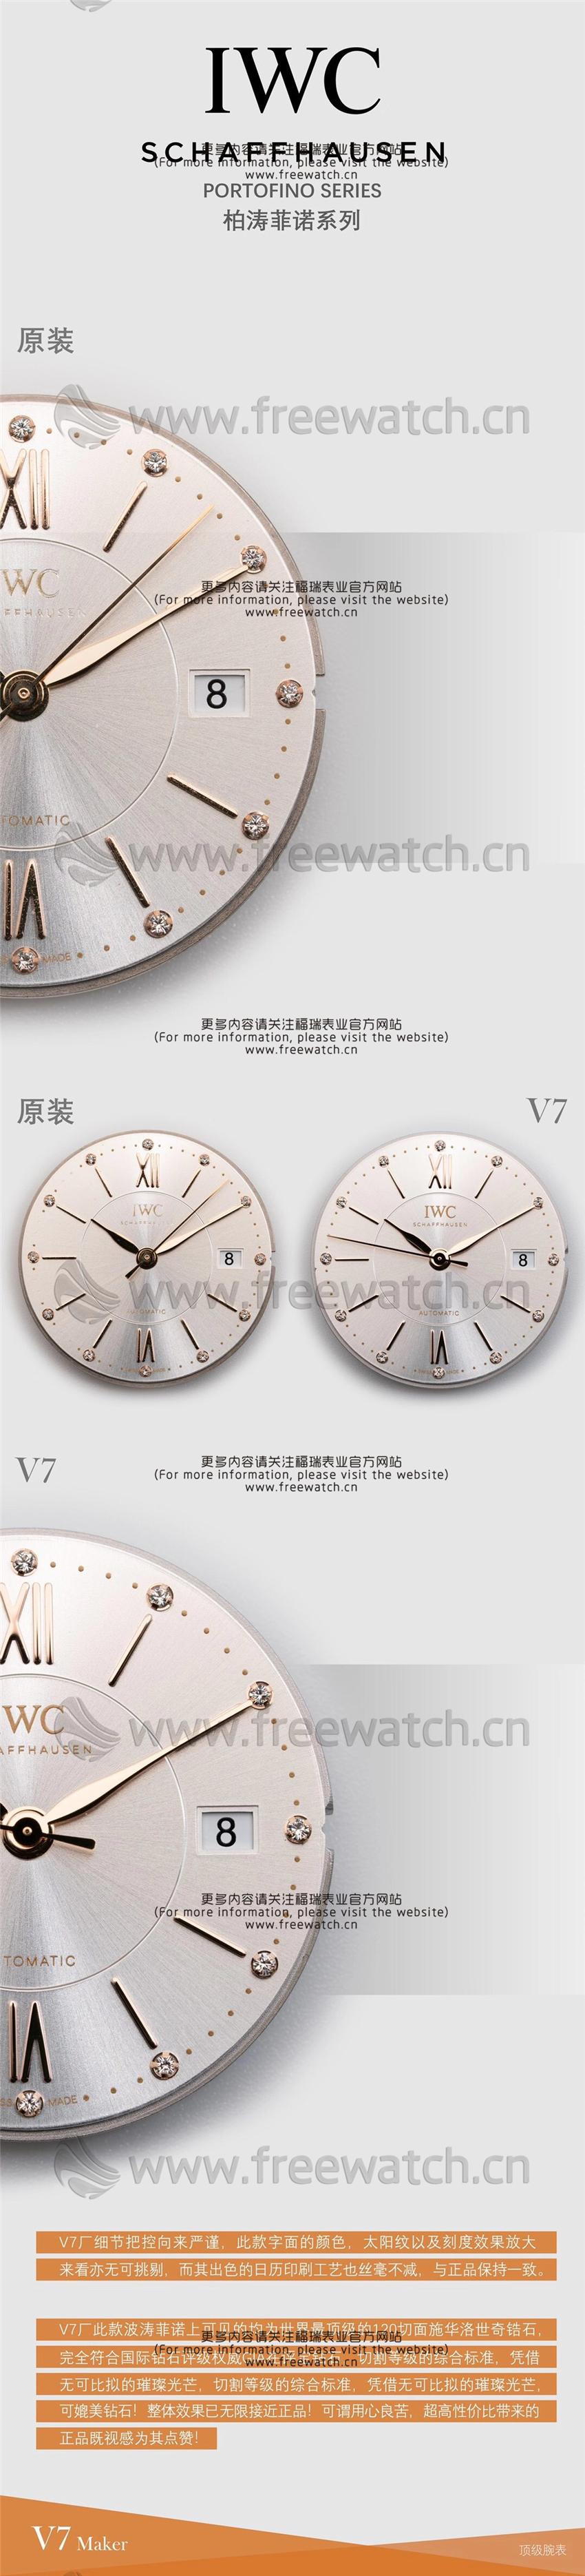 V7厂万国柏涛菲诺女款系列与正品对比评测